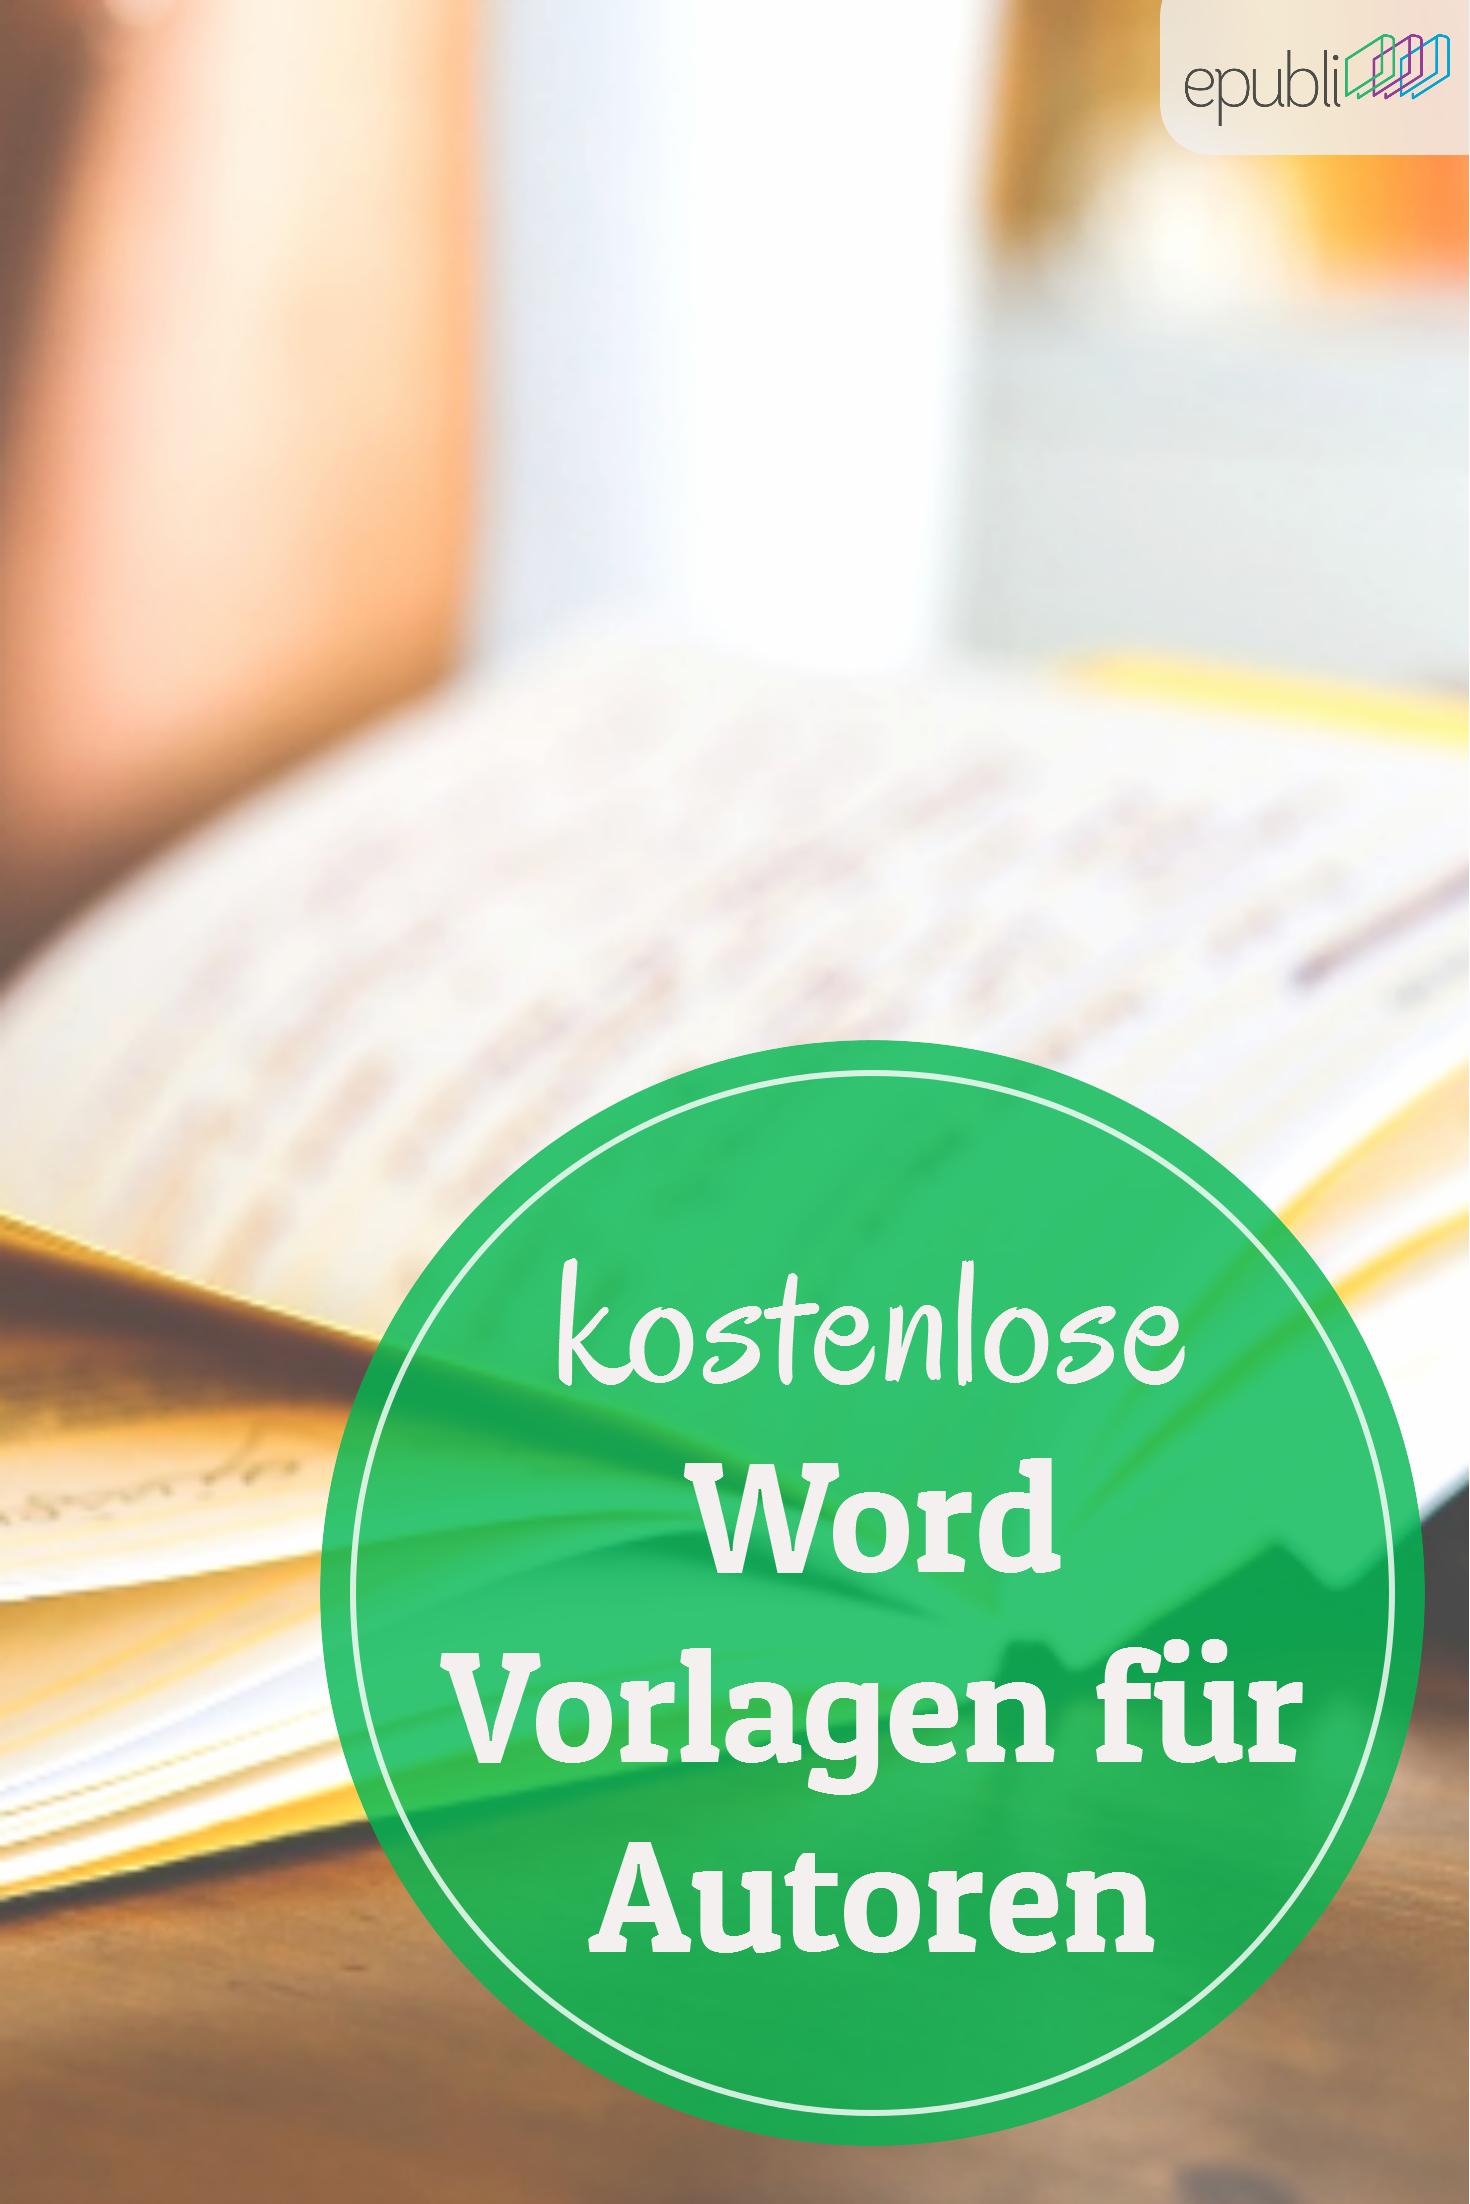 Kostenlose Word Vorlagen Fur Autoren Buch Selber Schreiben Buch Schreiben Notizheft Fur Kreatives Schreiben